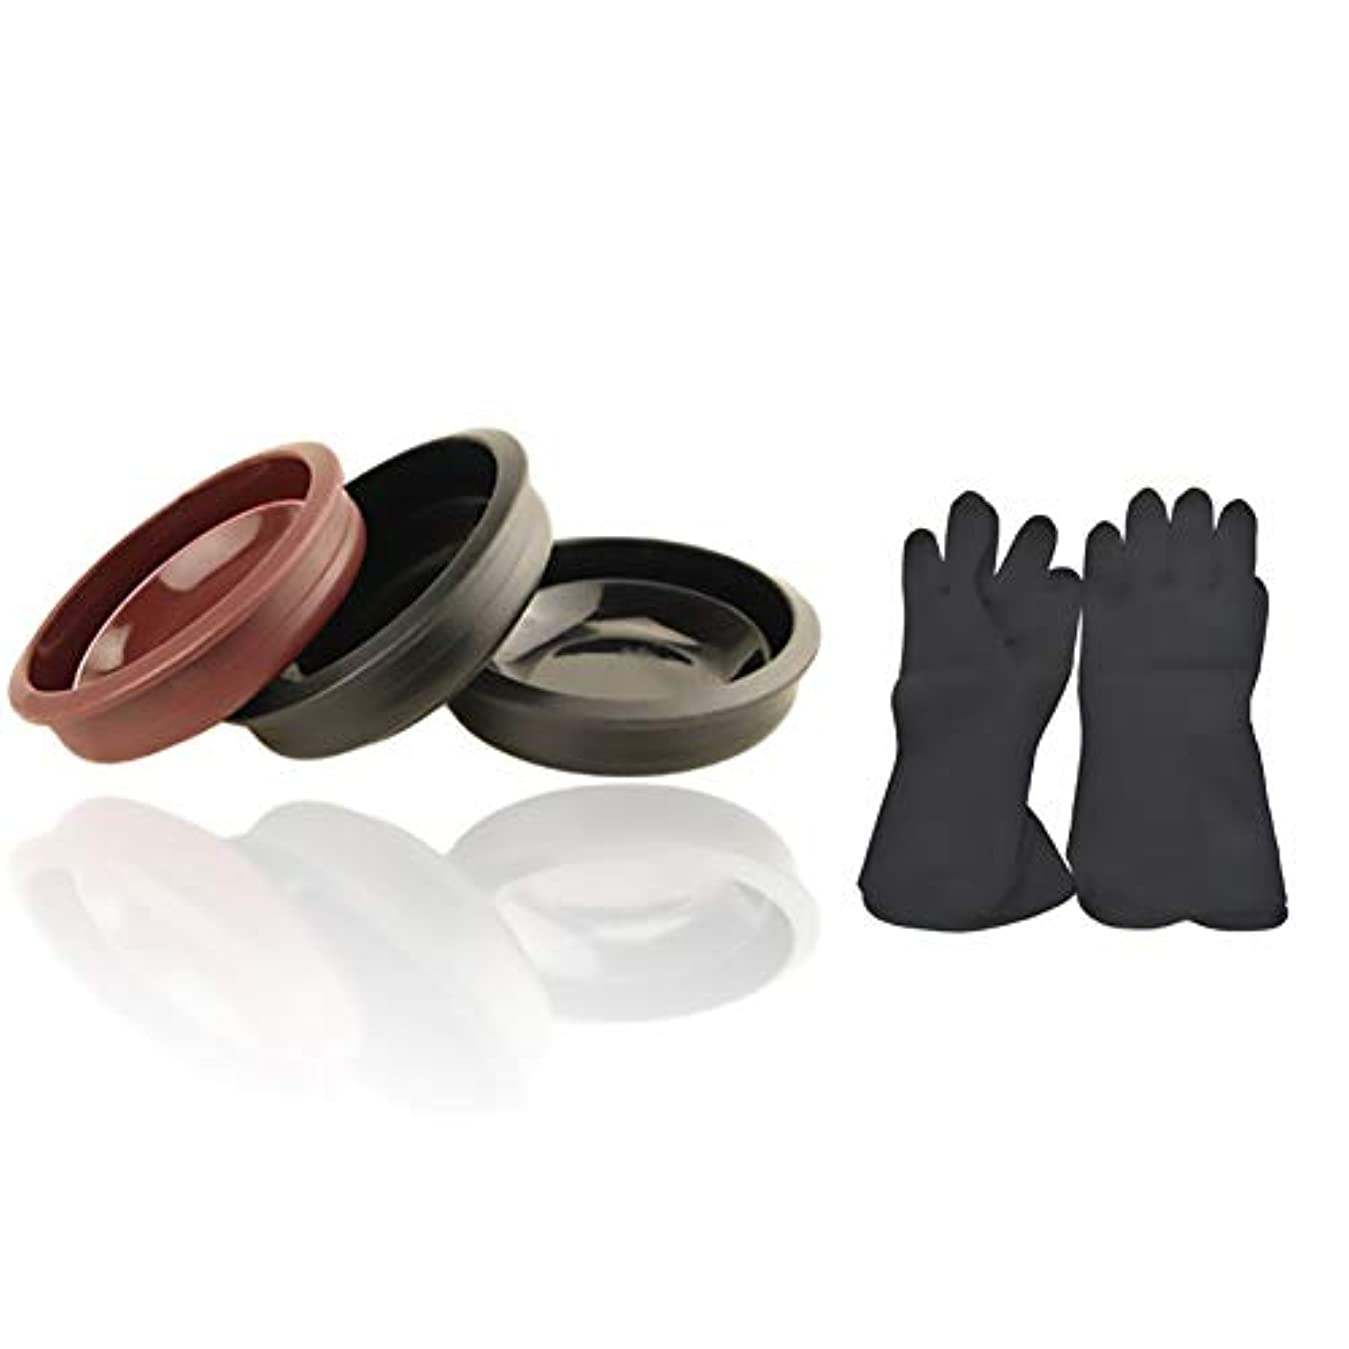 増強するレプリカ処分したTofover 3ピースヘアカラーミキシングボウルと20カウントヘアダイ手袋、黒の再利用可能なゴム手袋、ヘアサロンヘア染色のためのプロのヘアカラーツールキット